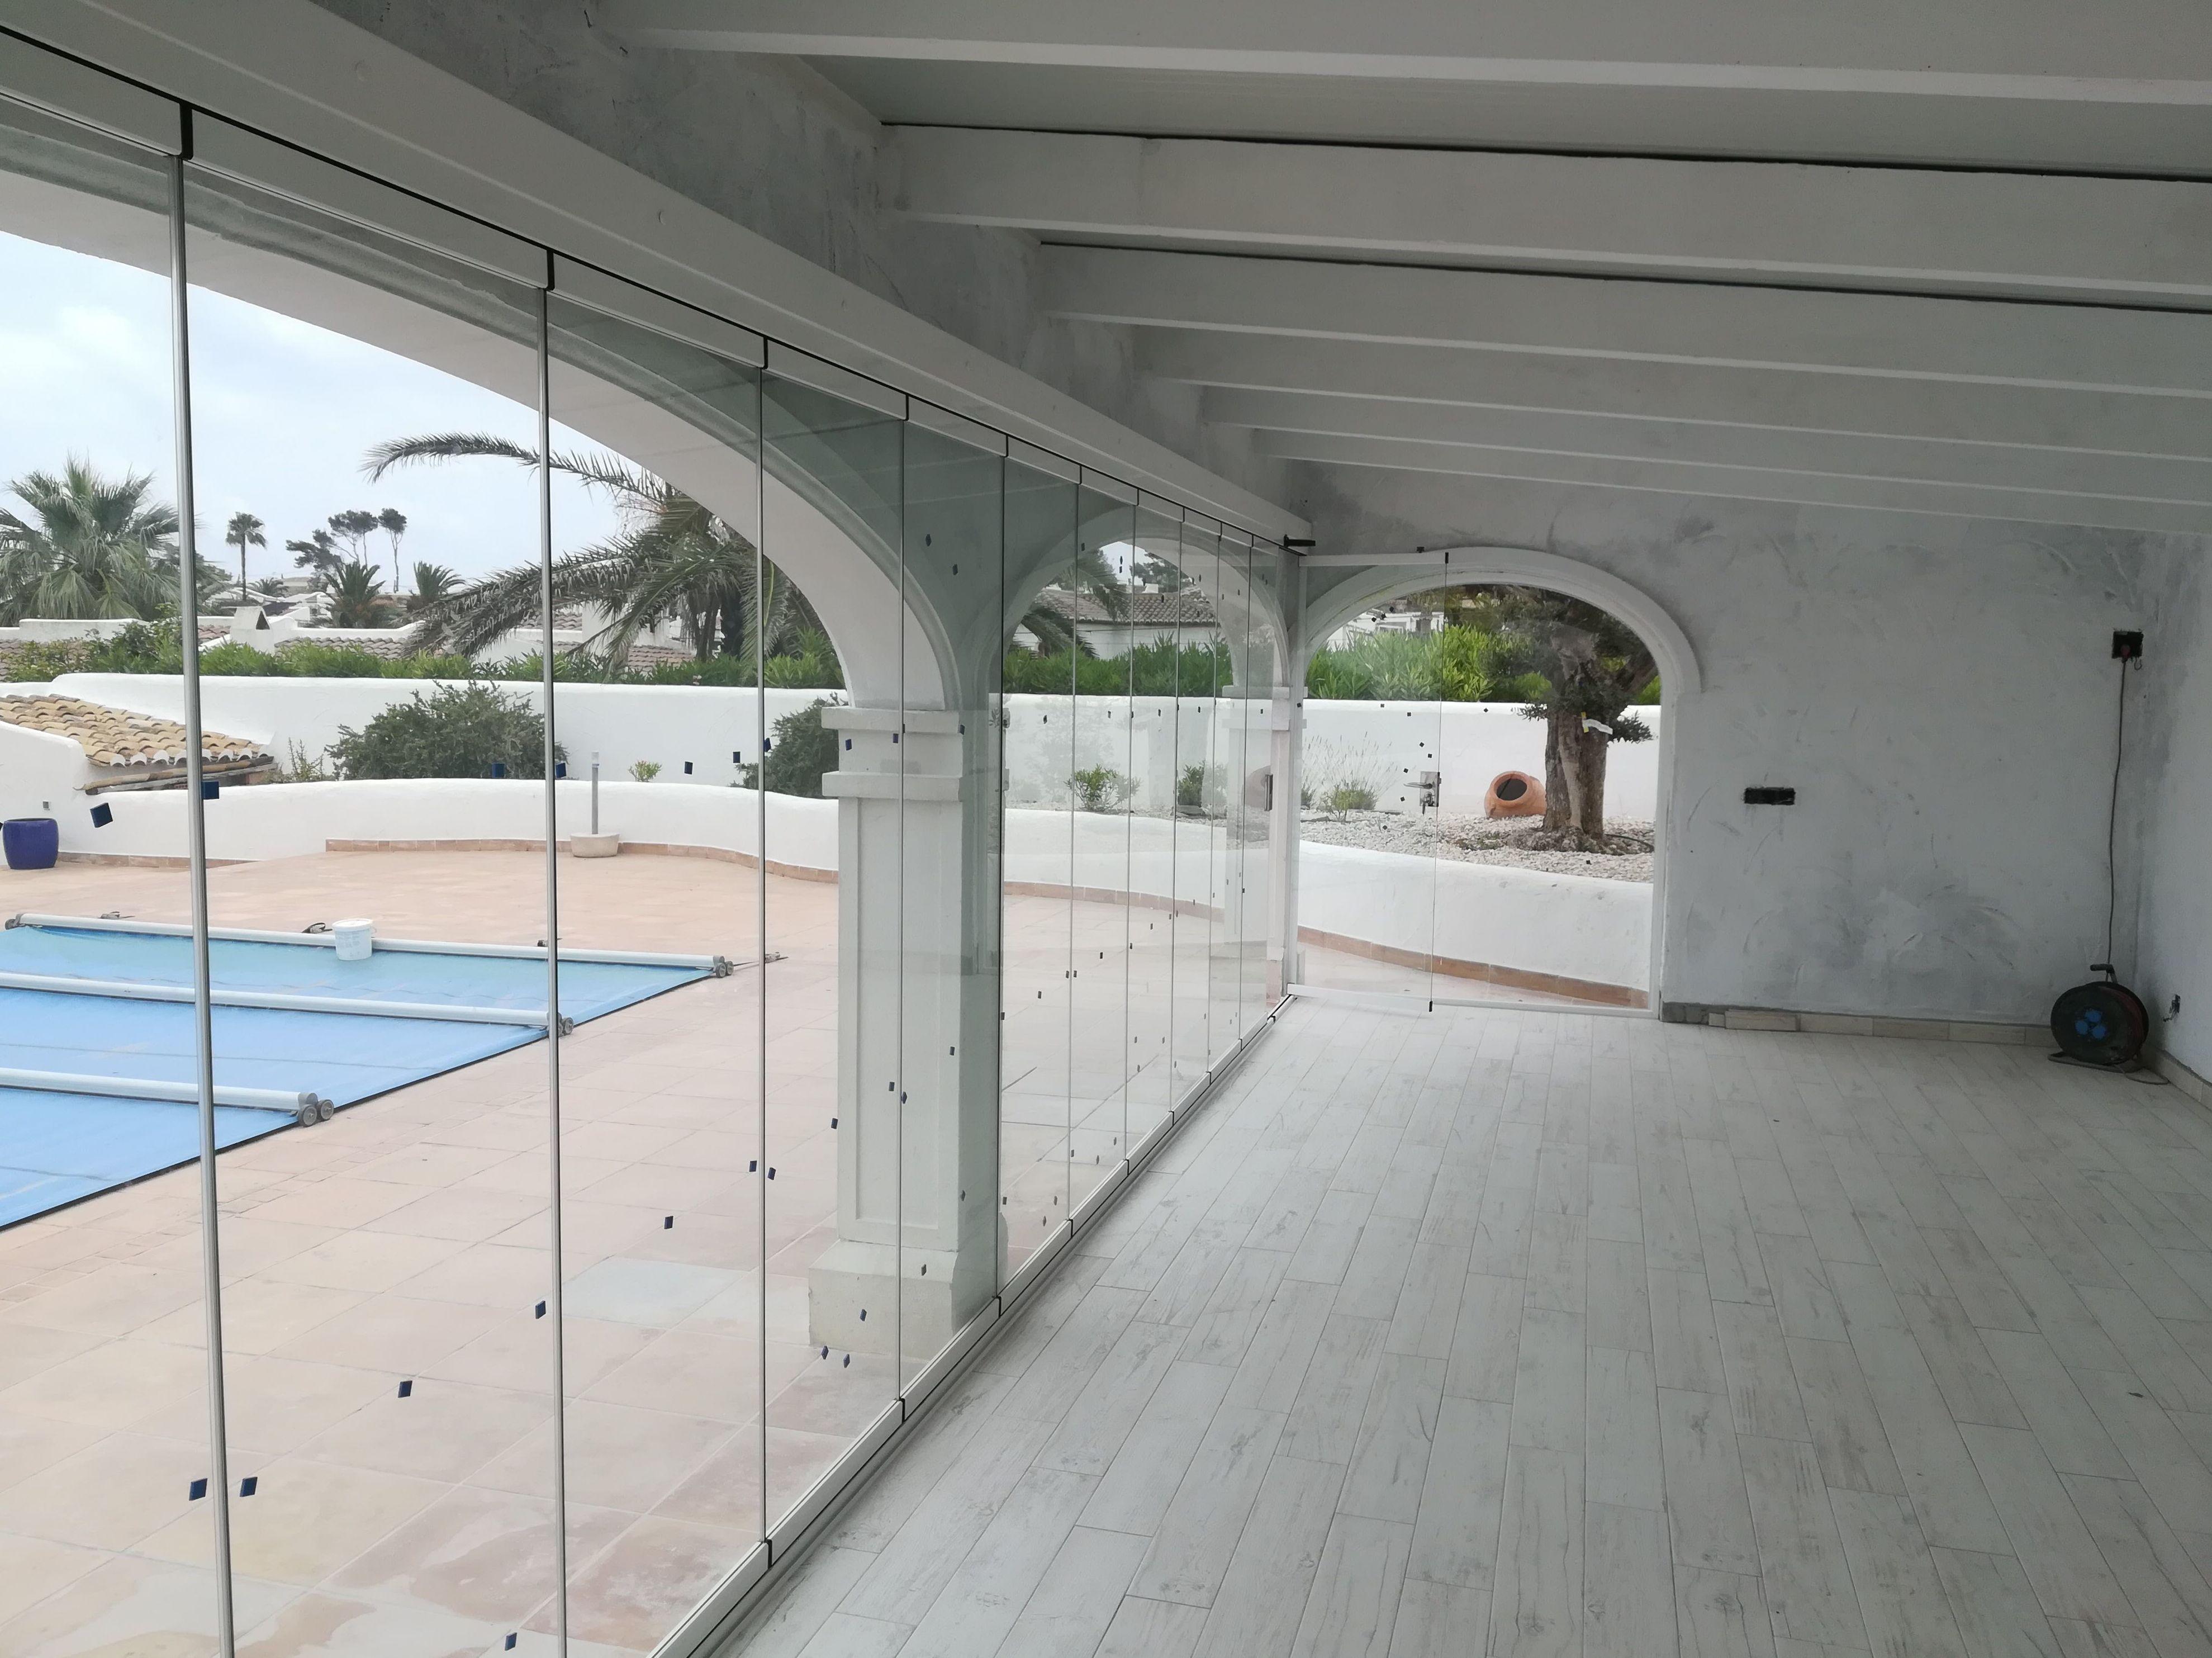 Foto 12 de Carpintería de aluminio, metálica y PVC en  | VICENTE MARZAL ARBONA .